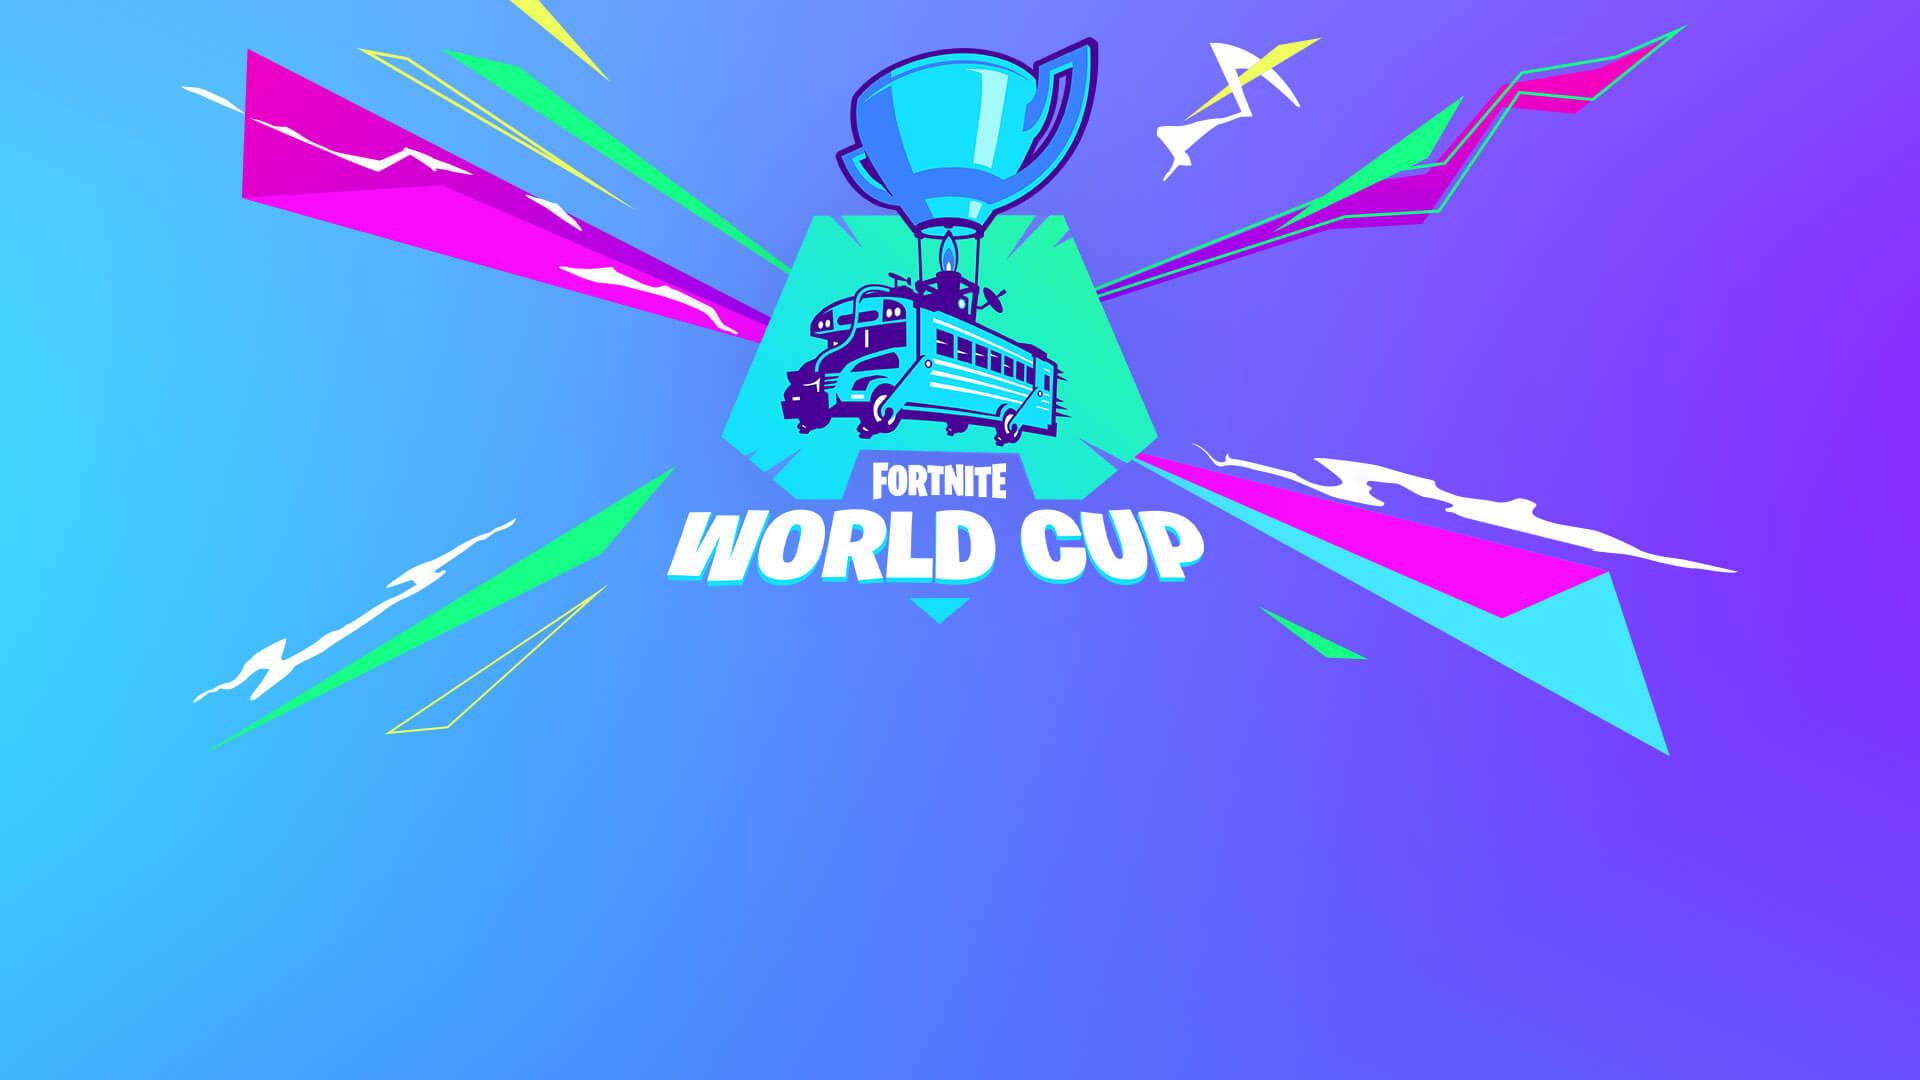 fortnite world cup creative trail